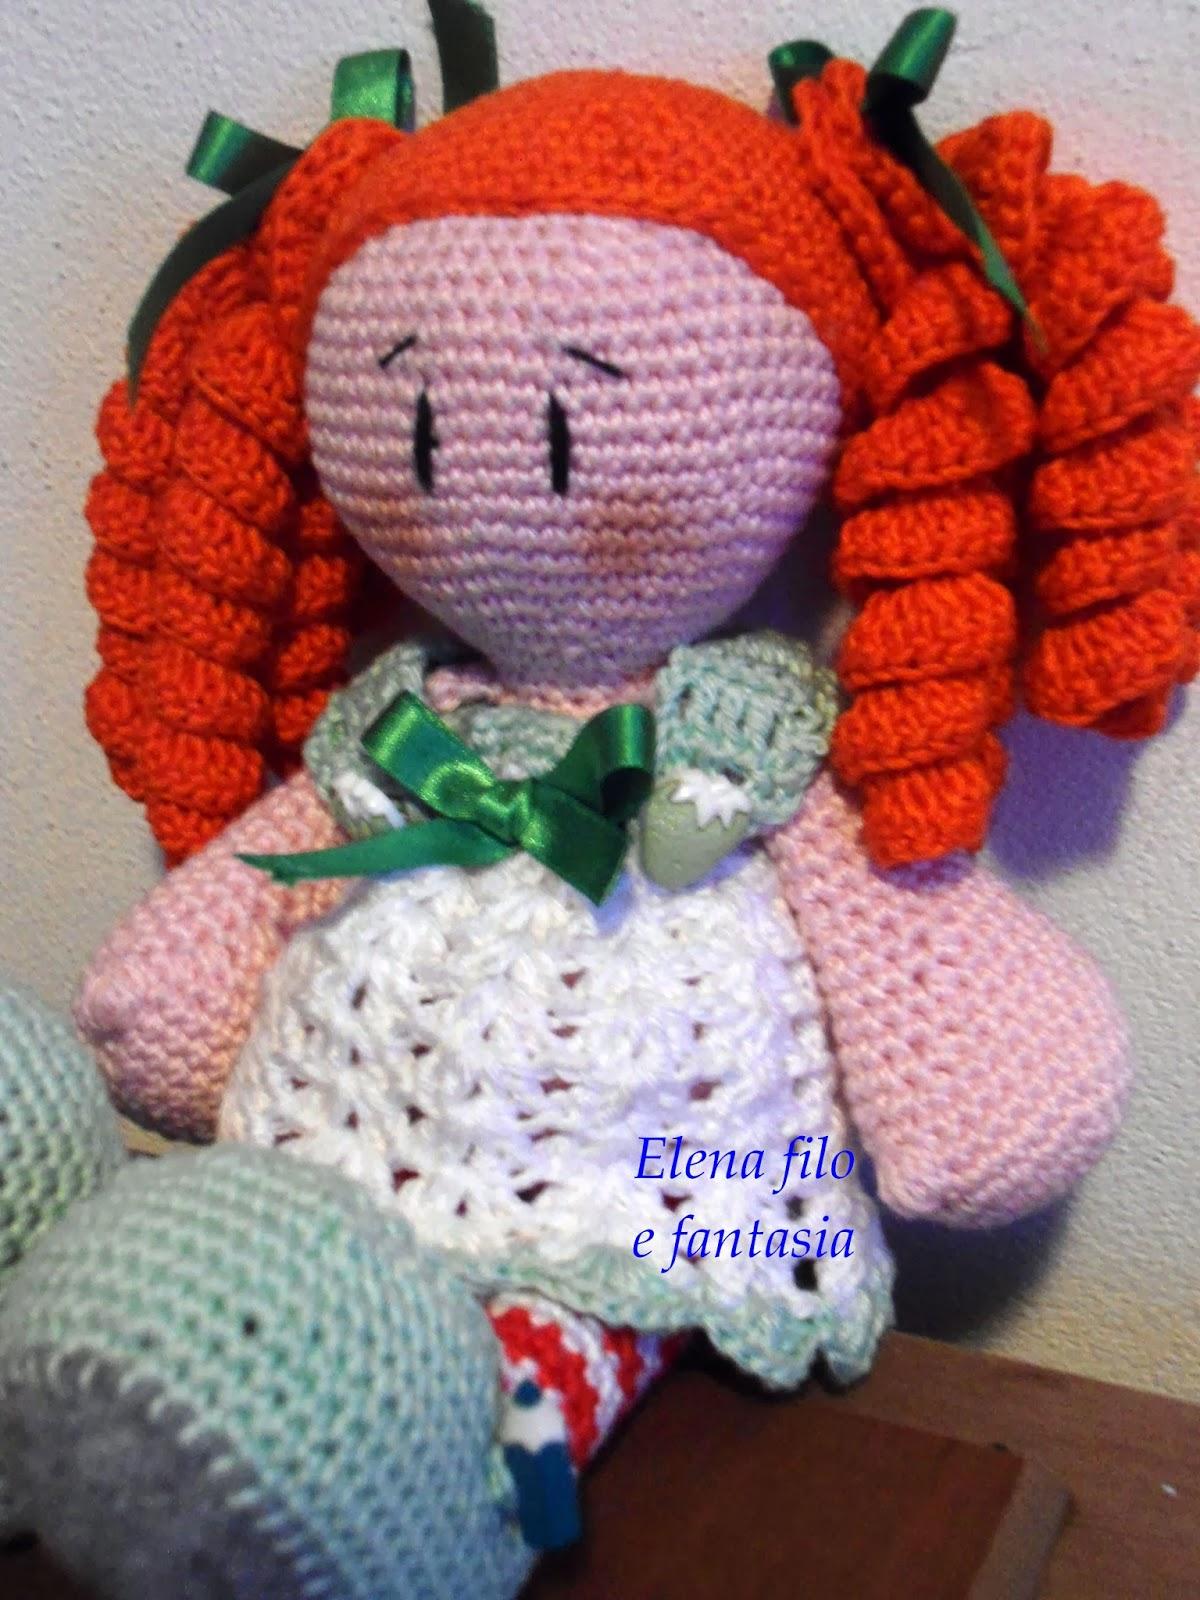 Amigurumi Tutorial Bamboline : Elena Filo e Fantasia: Ancora bamboline amigurumi